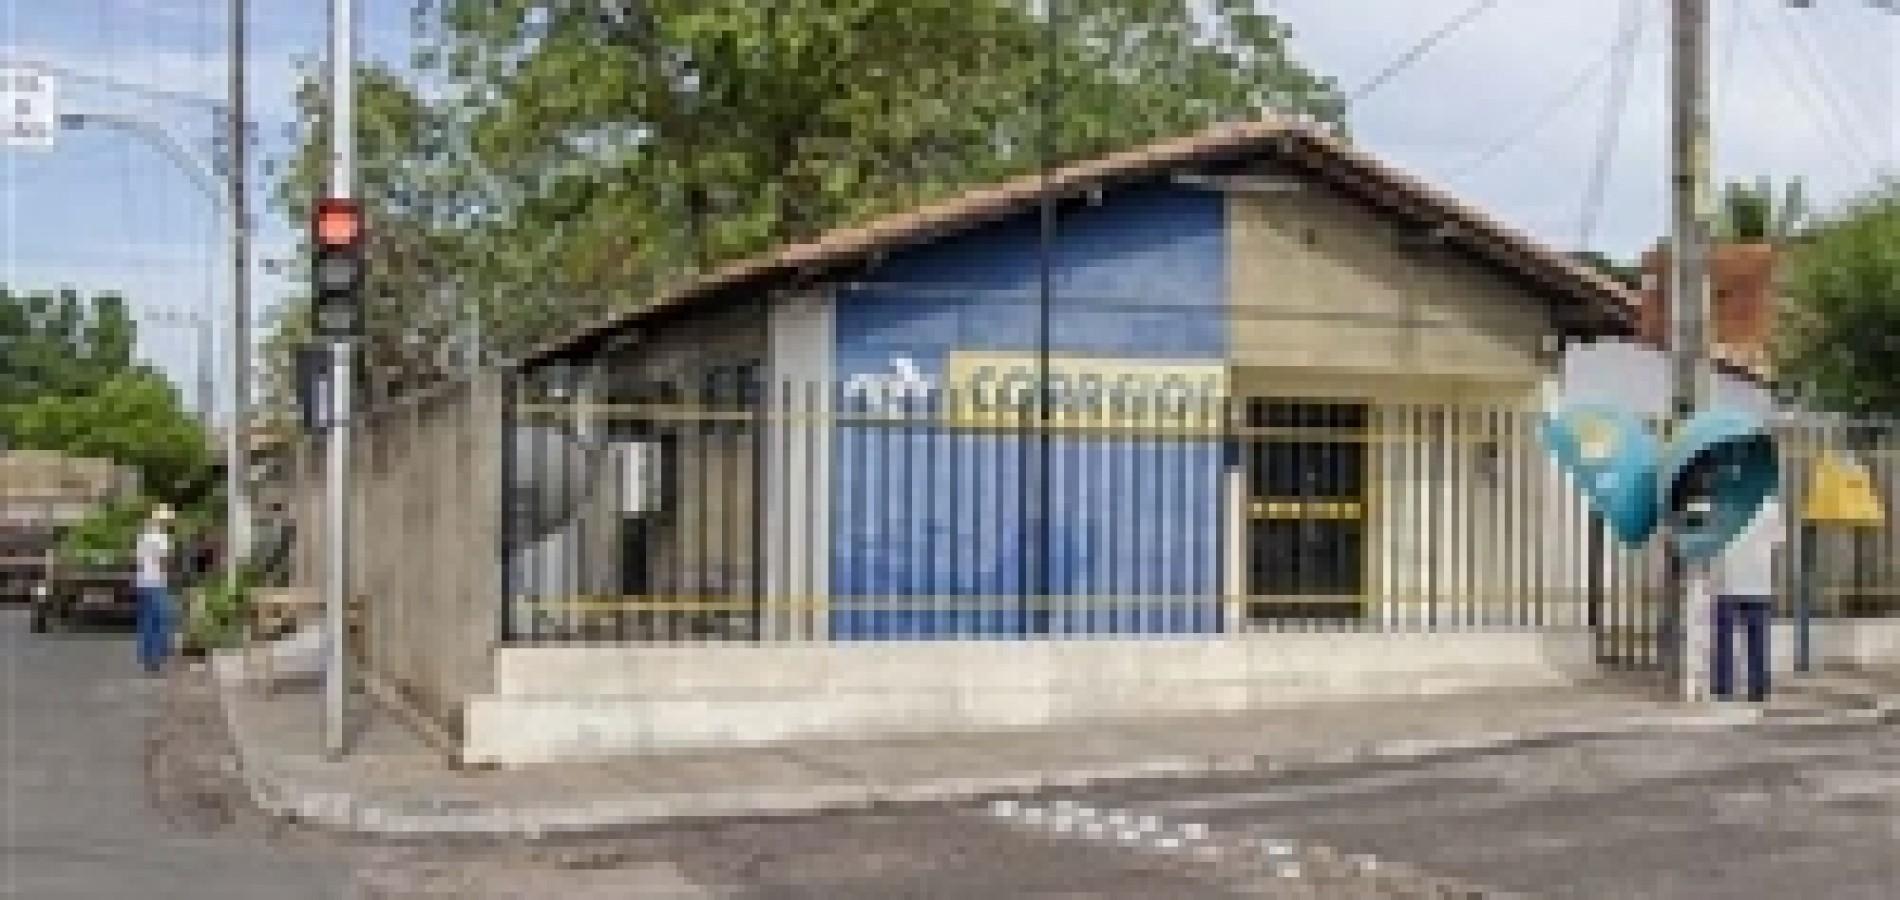 Piauí registra 4 assaltos a bancos  e correspondentes em 24 horas